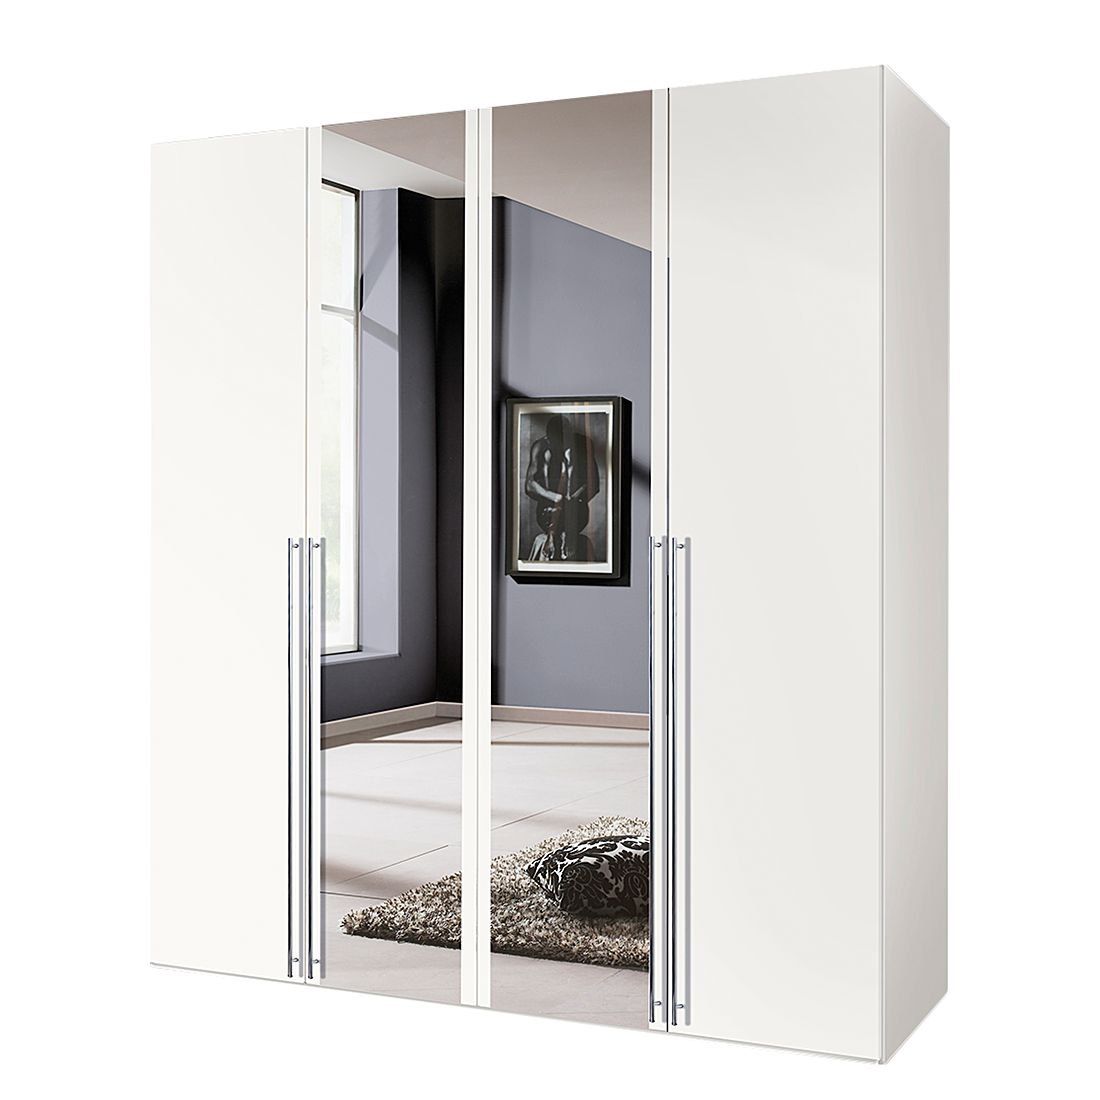 goedkoop Draaideurkast Brooklyn II wit spiegel 200cm 4 deurs 216cm Express Mobel